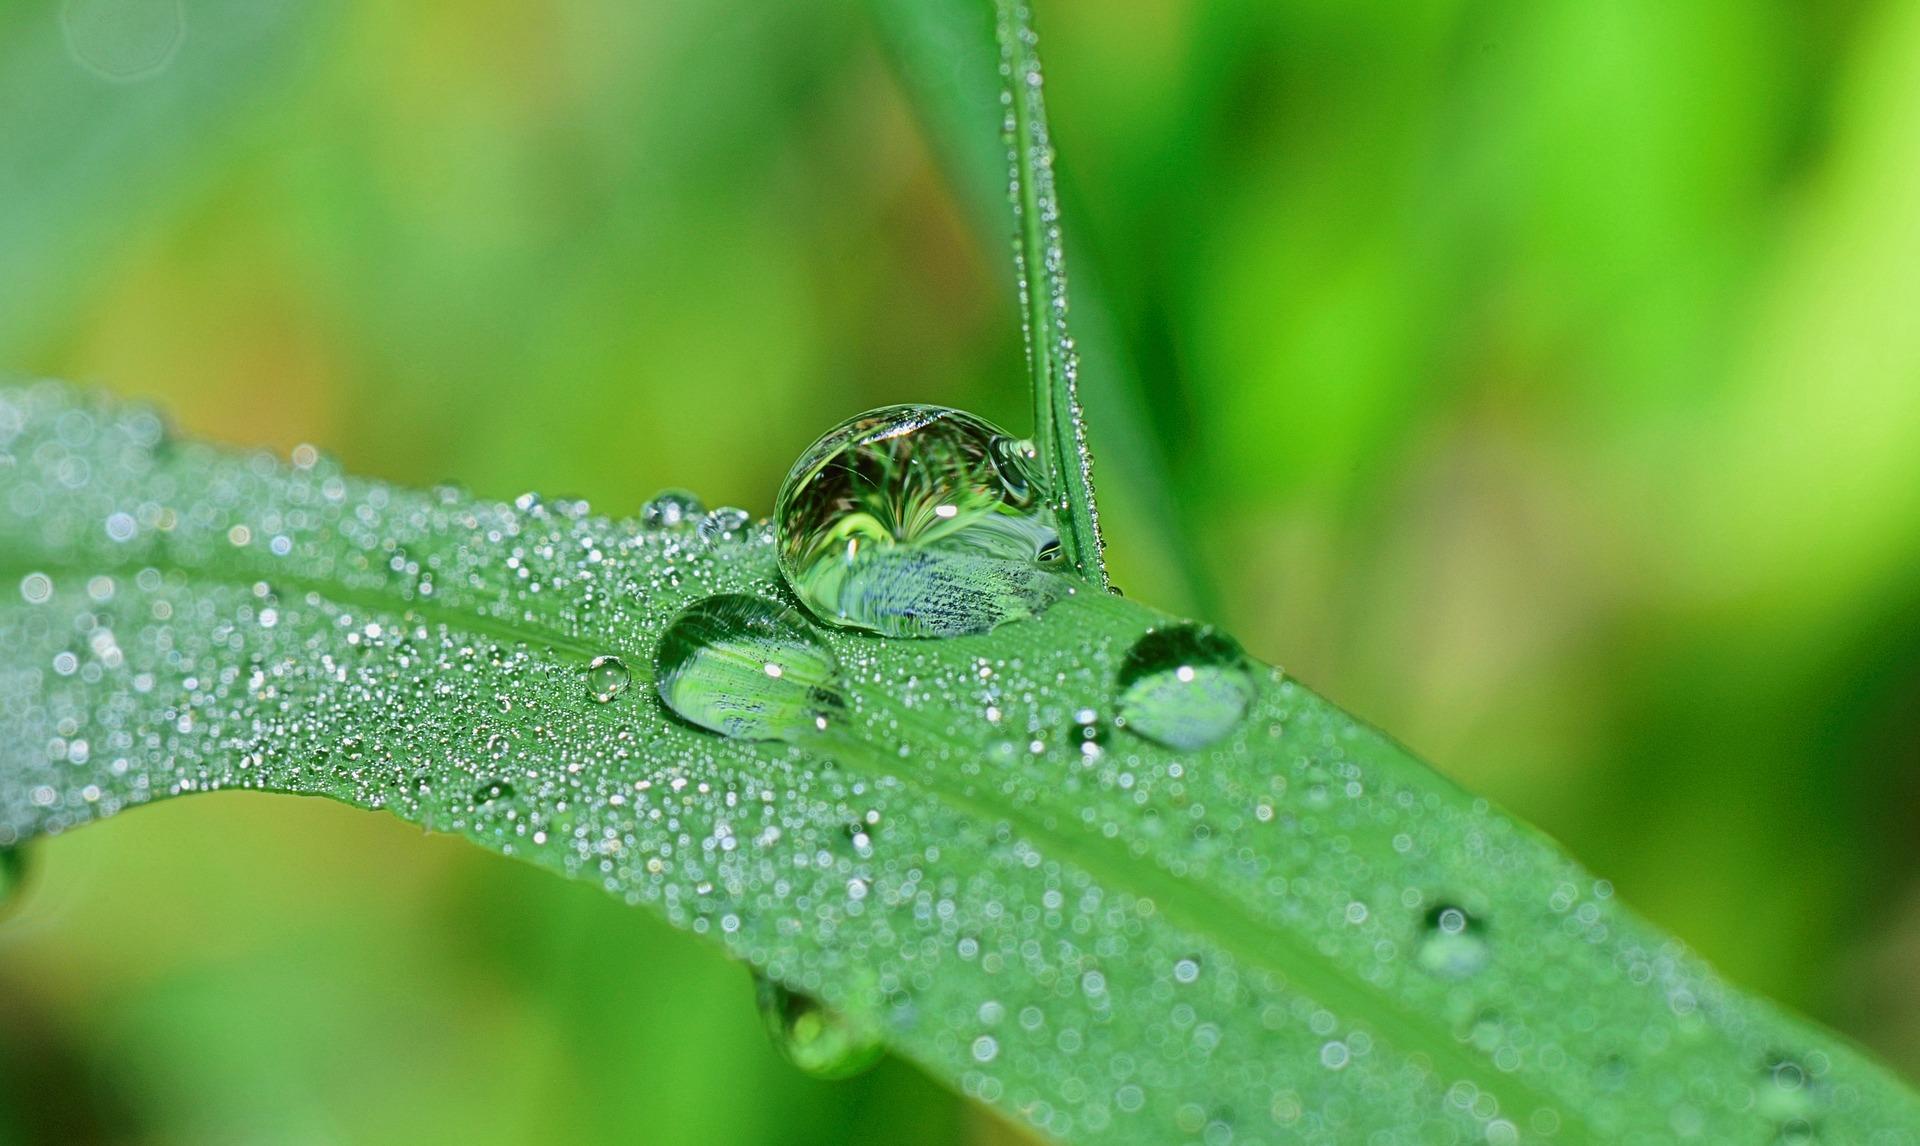 Feuchtigkeit liegt schon in der Natur - Hyaluronsäure bindet Wasser